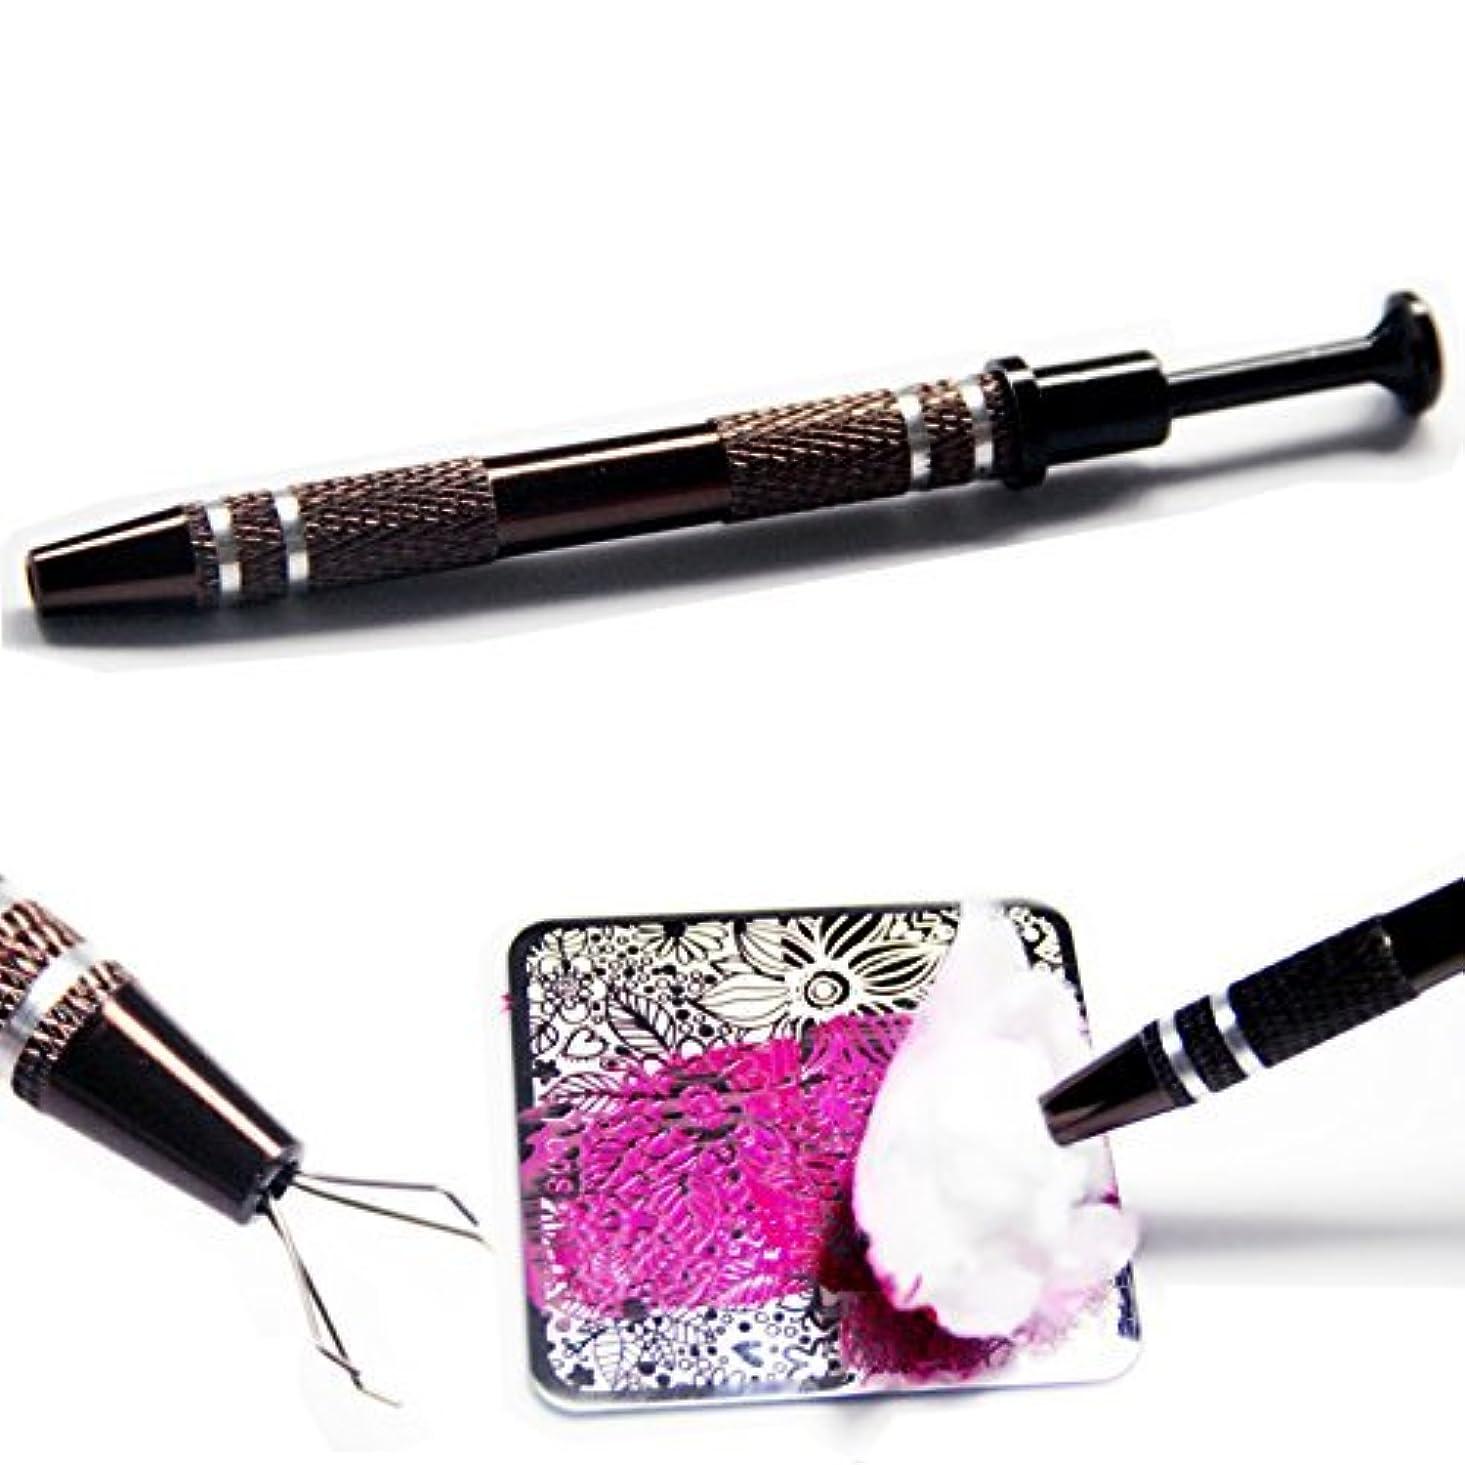 取り消すアルファベット順癒すイメージプレートクリーニングペン コットンキャッチペン スタンピングネイルツールネイルアートネイル用品